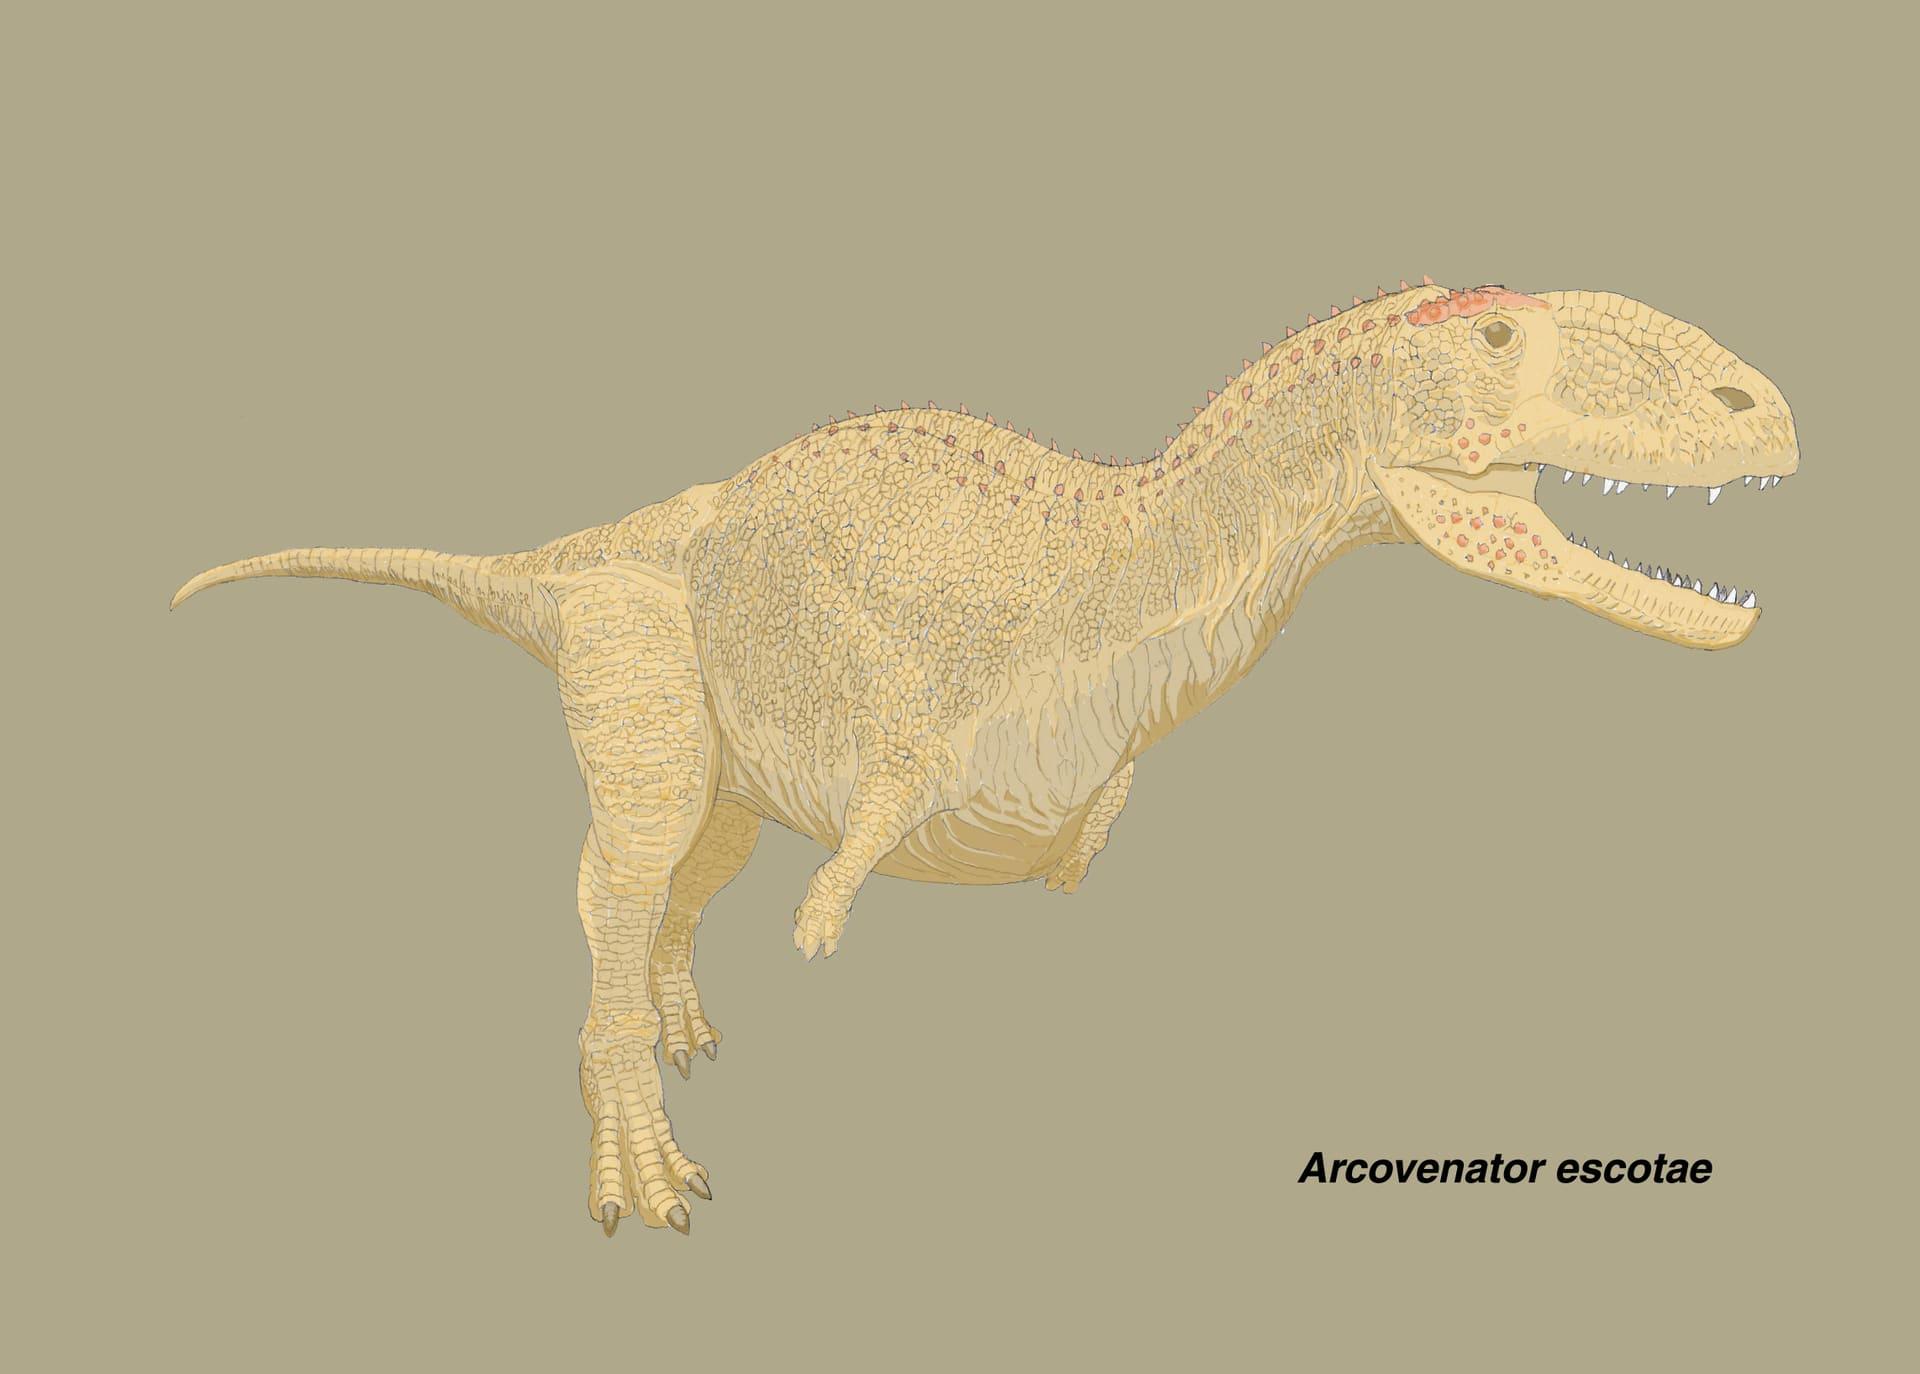 タラスコサウルス